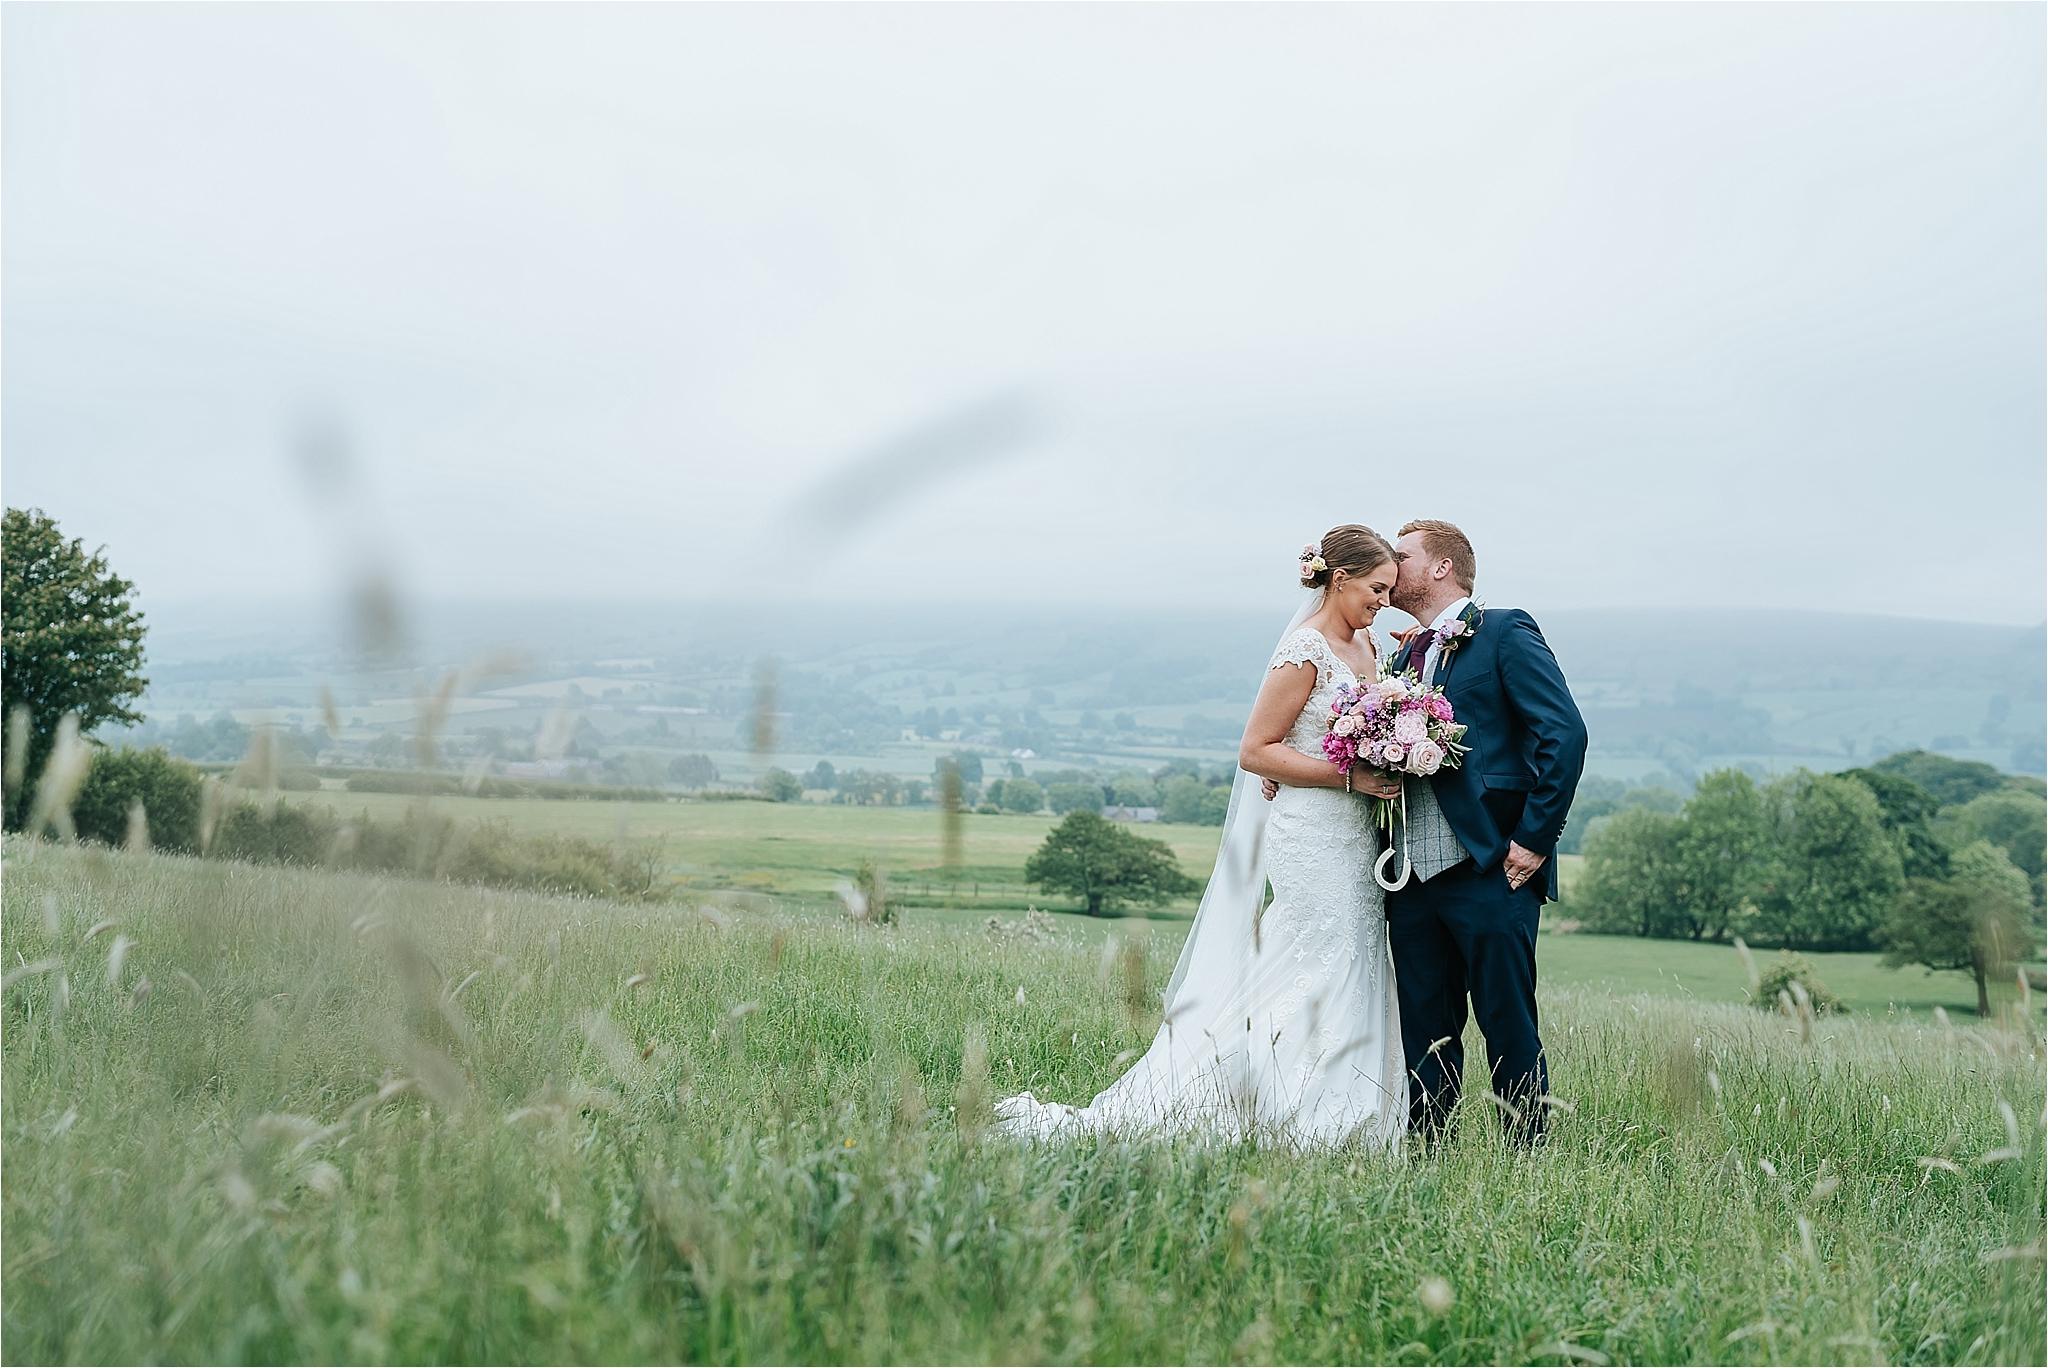 lancashireweddingphotography_0045.jpg